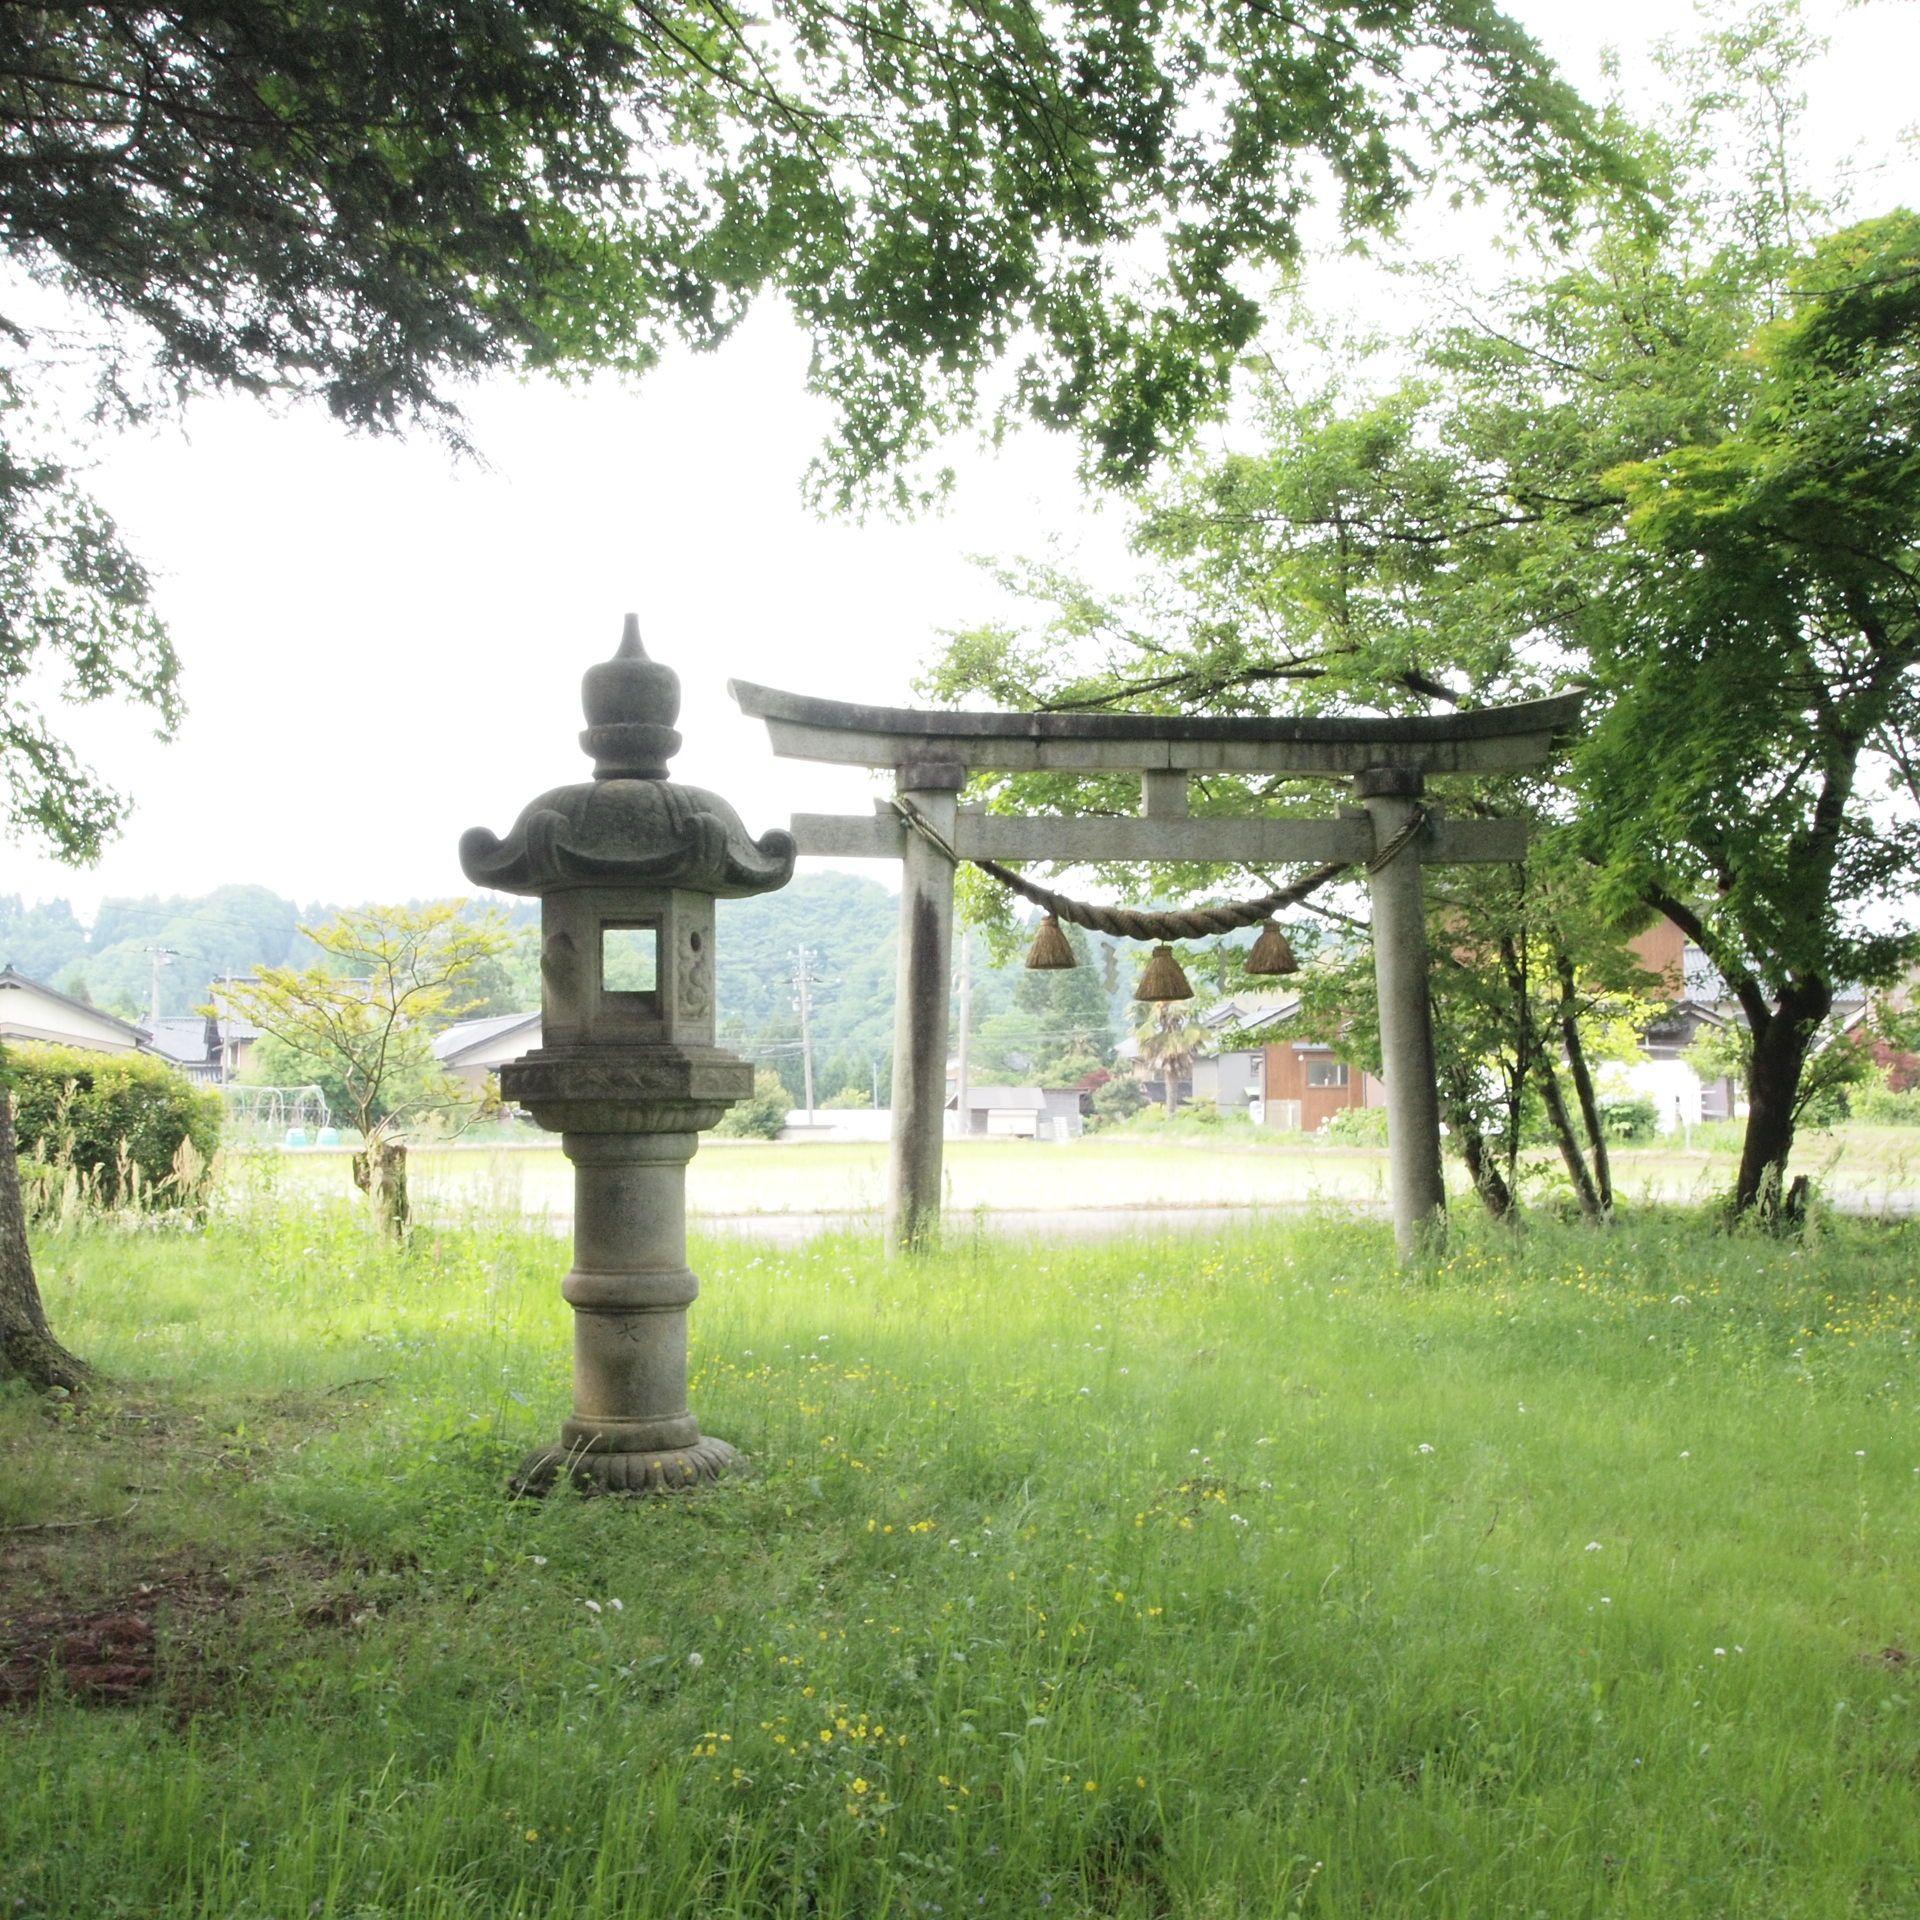 ジブリの映画にでてきそうな場所を見つけました 集落の中にある小さな小さな神社です ここの神社付近は いつ来ても透き通るような涼しさがを感じられるそう 神社 集落 付近